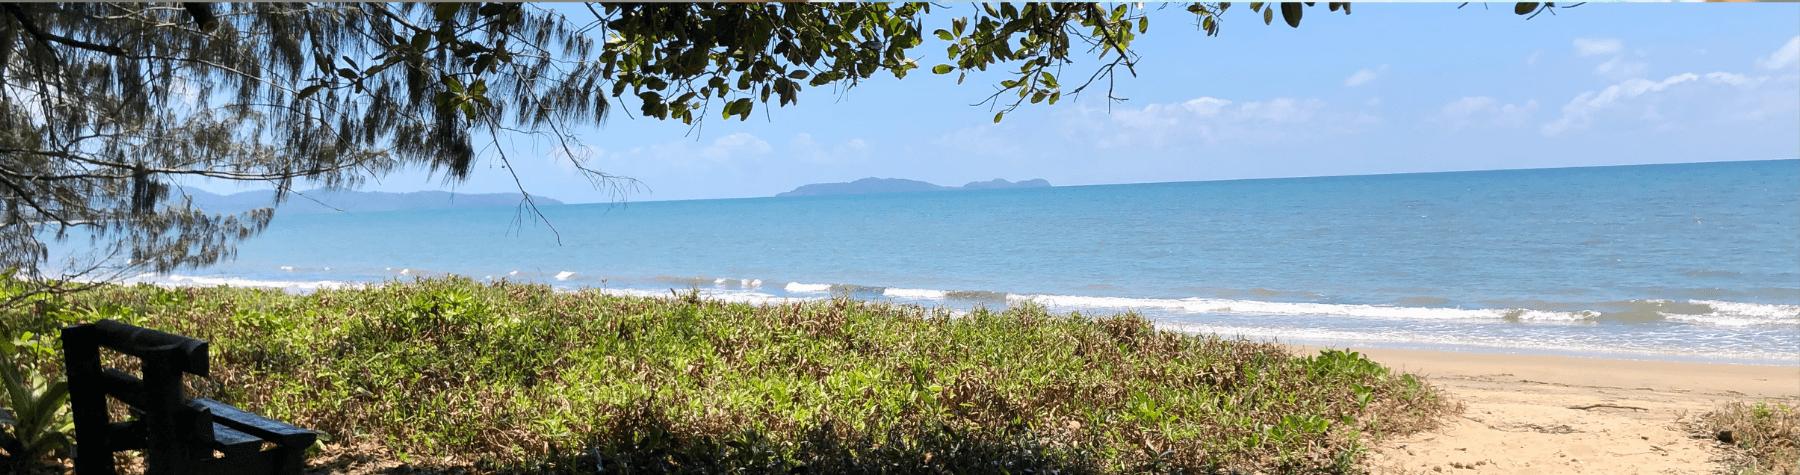 Wonga Beach Foreshore Management Plan